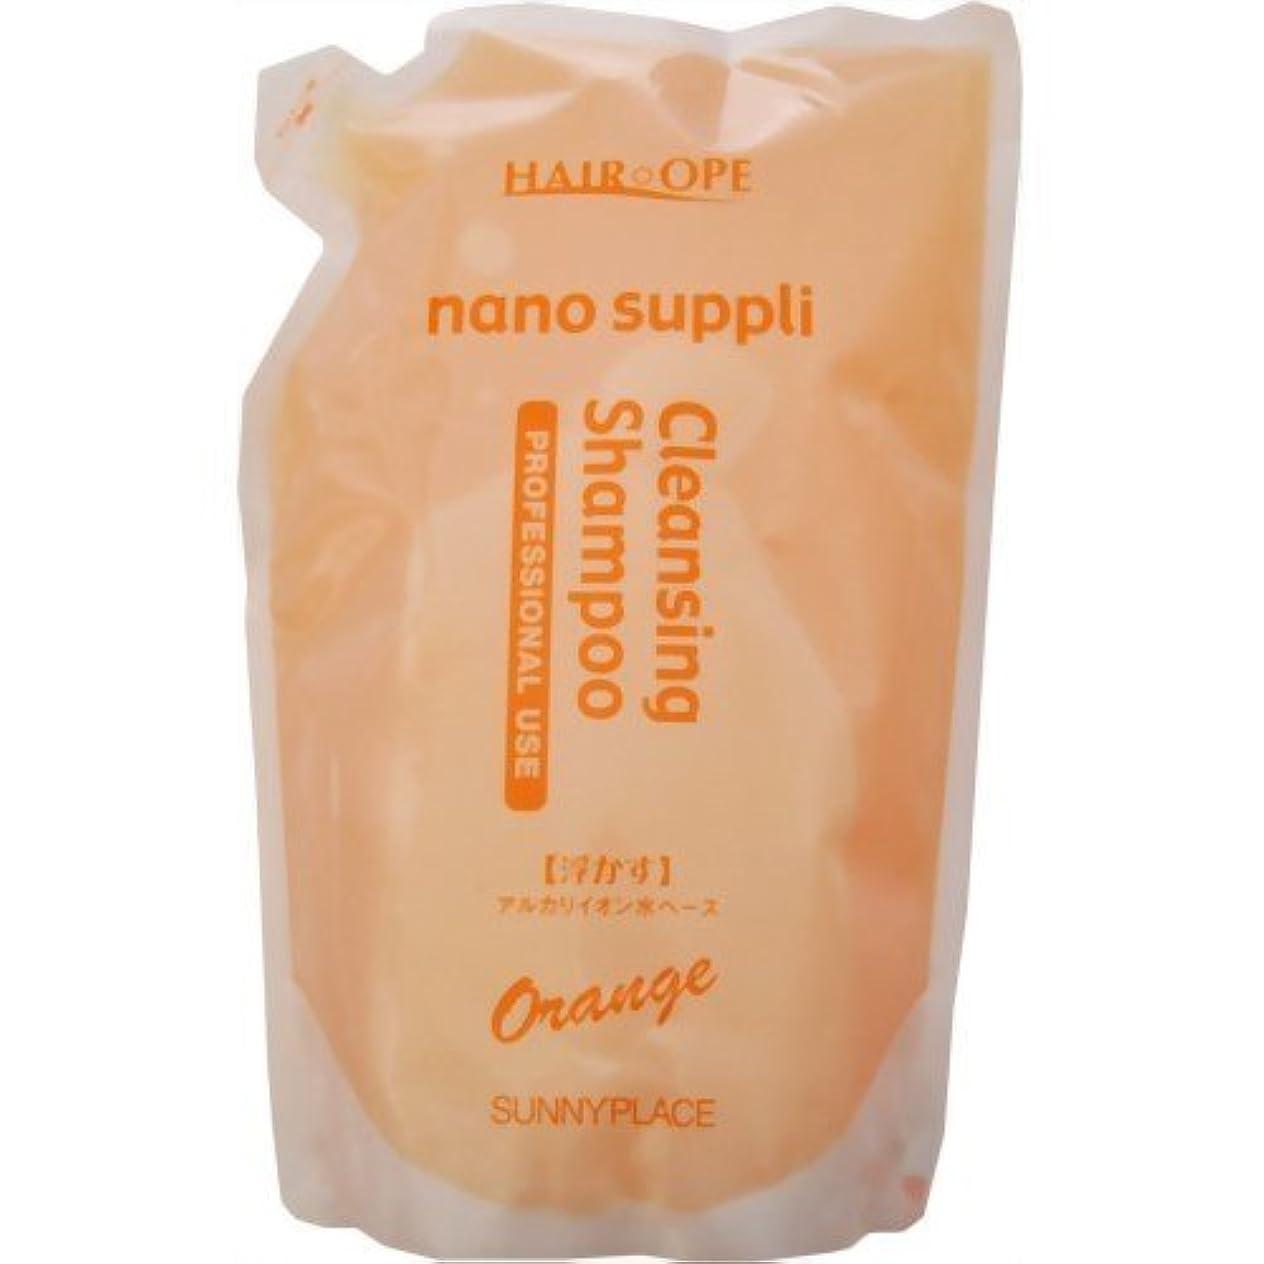 ストレスの多いデッドいわゆるサニープレイス ナノサプリ クレンジングシャンプー オレンジ 800ml